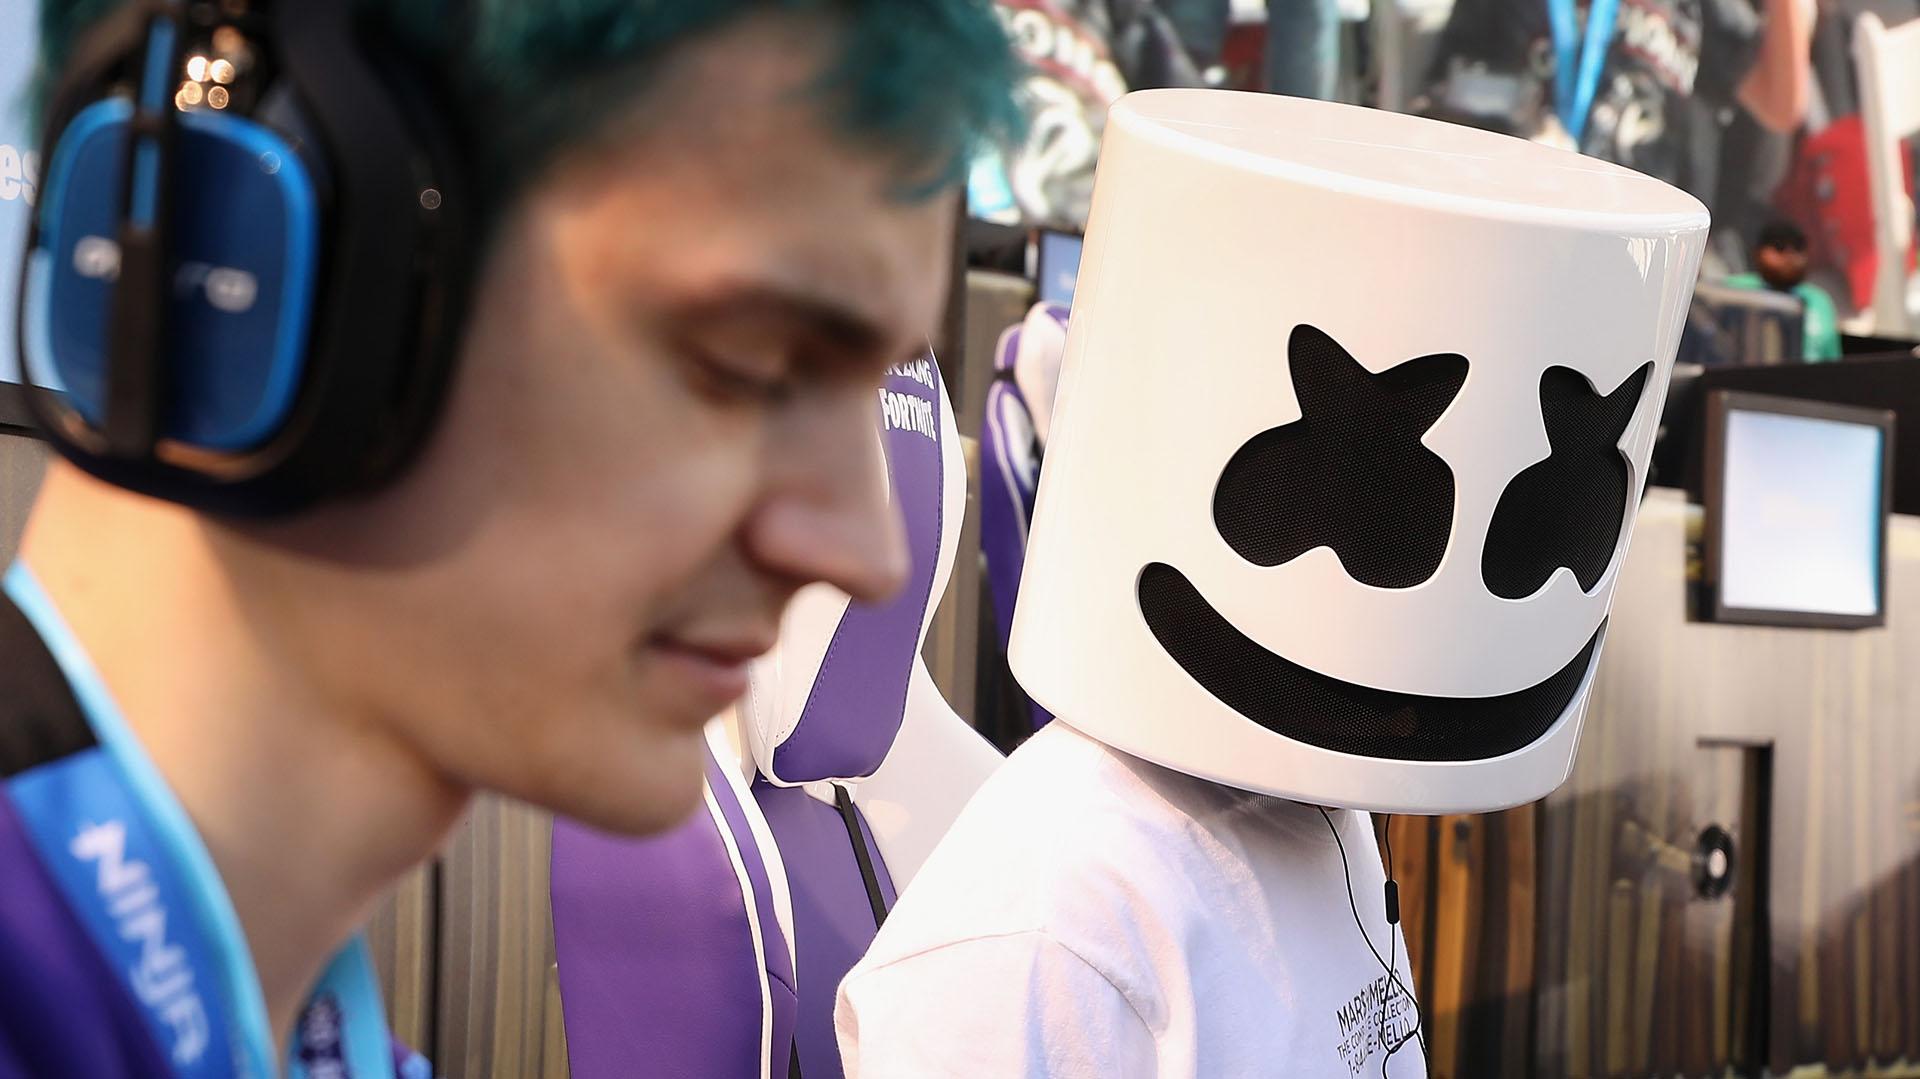 El DJ Marshmello no revela su rostro y se oculta tras una máscara